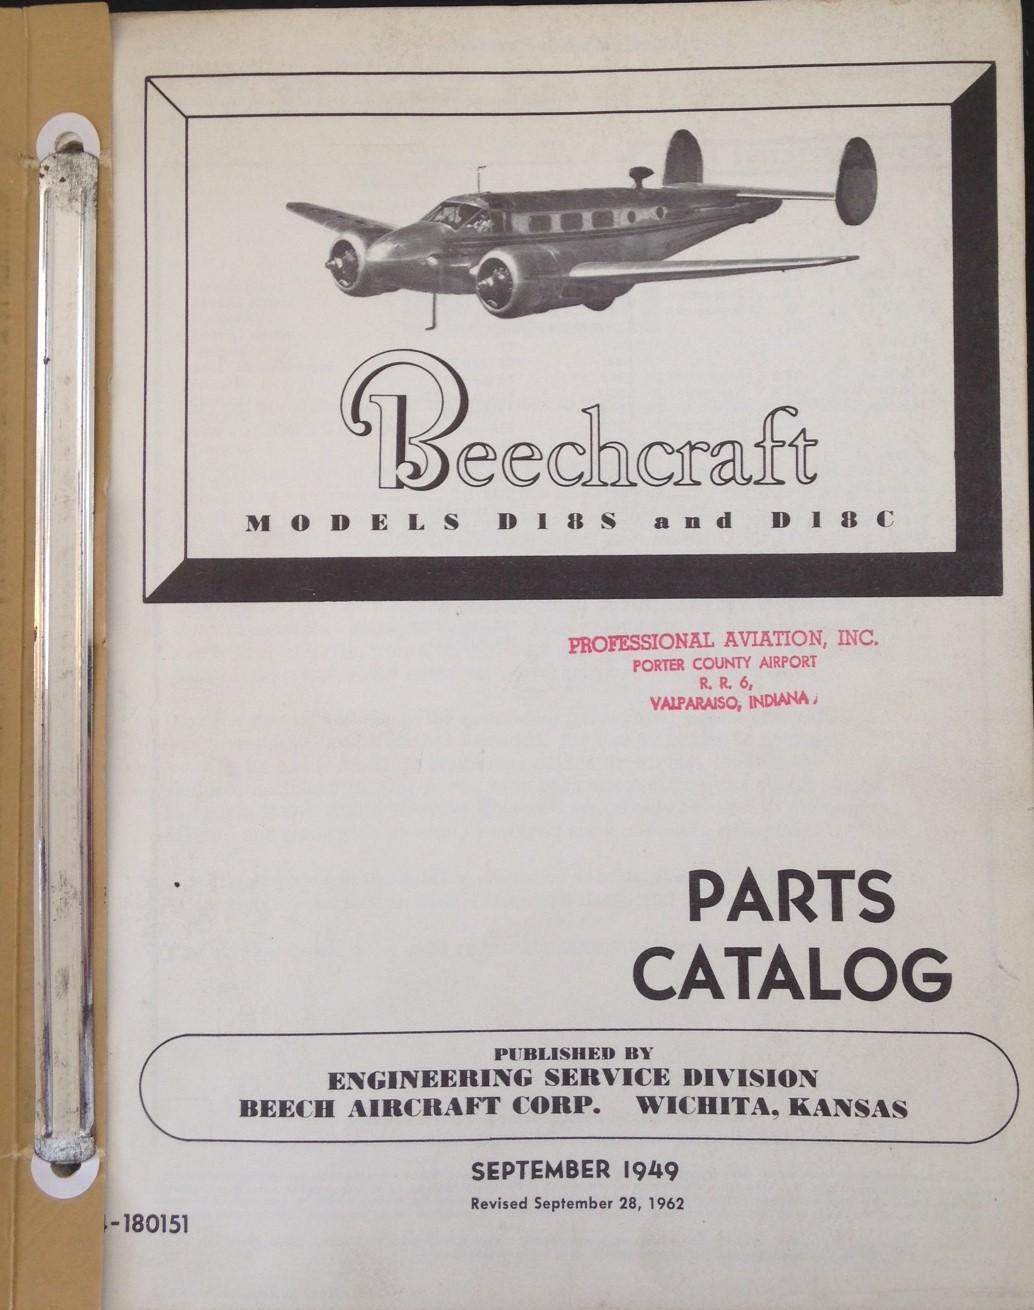 Beechcraft Model D-18 Parts Catalog